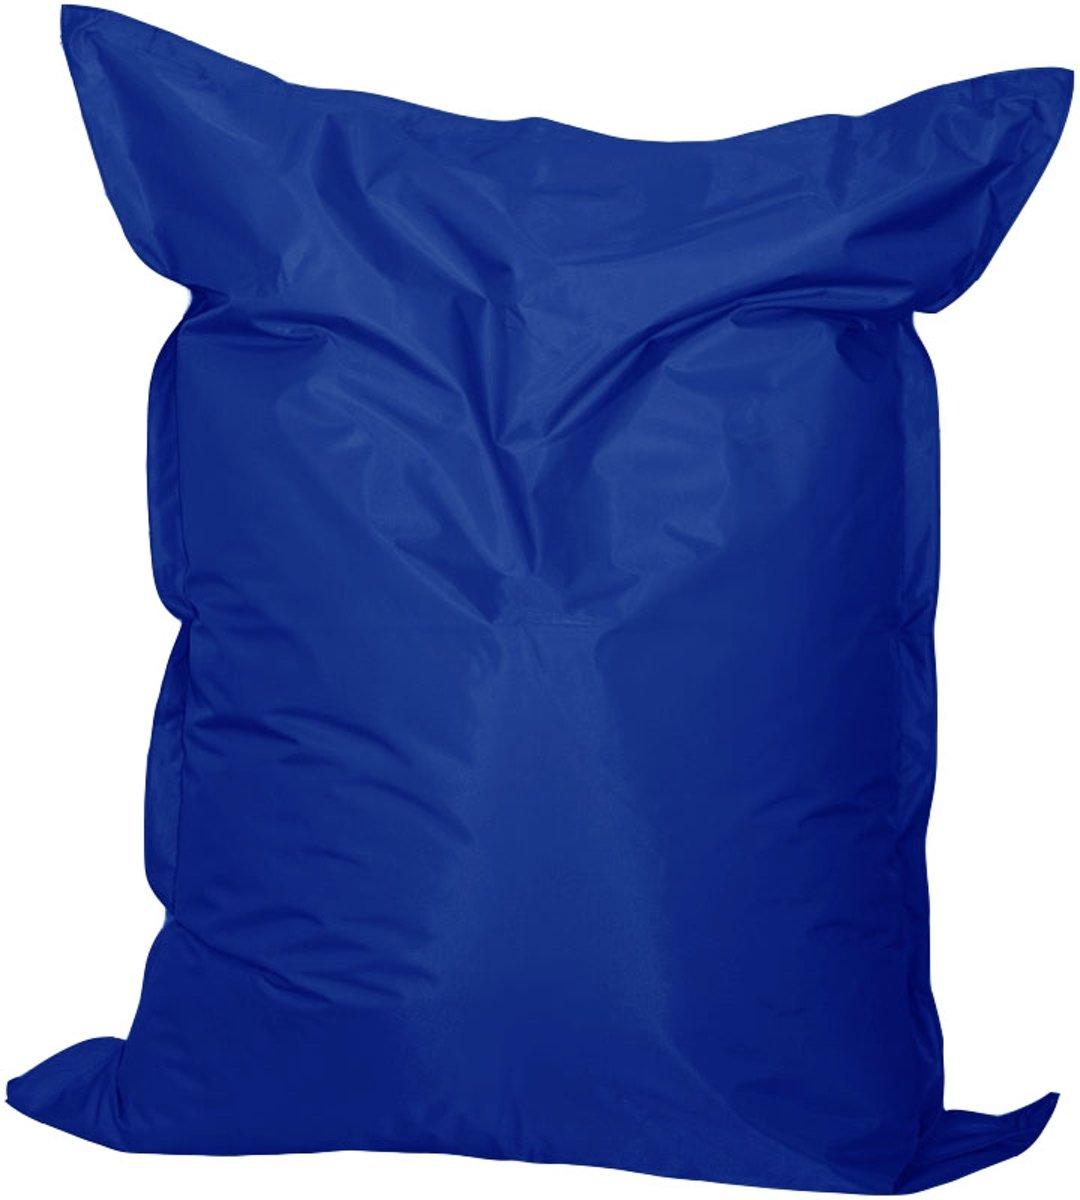 Zitzak M Nylon 150 x 130 Kobalt Blauw kopen